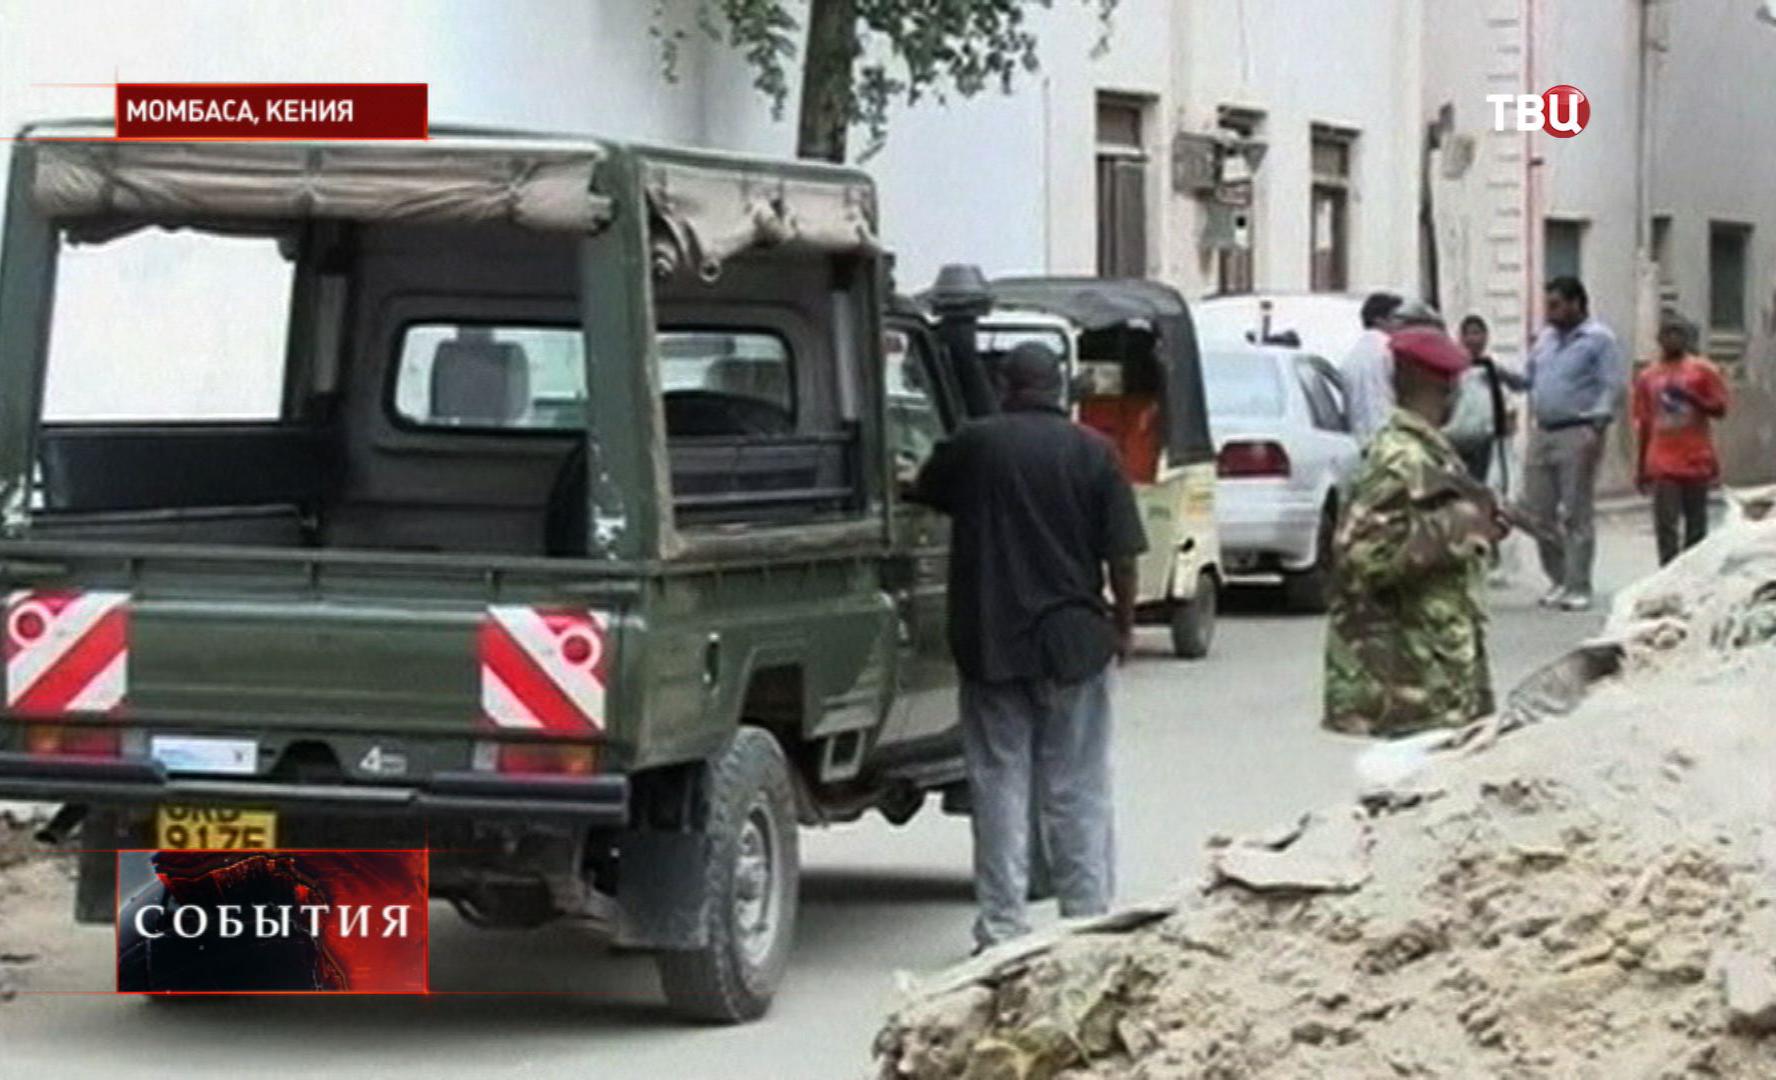 Место убийства российской туристки в Кении